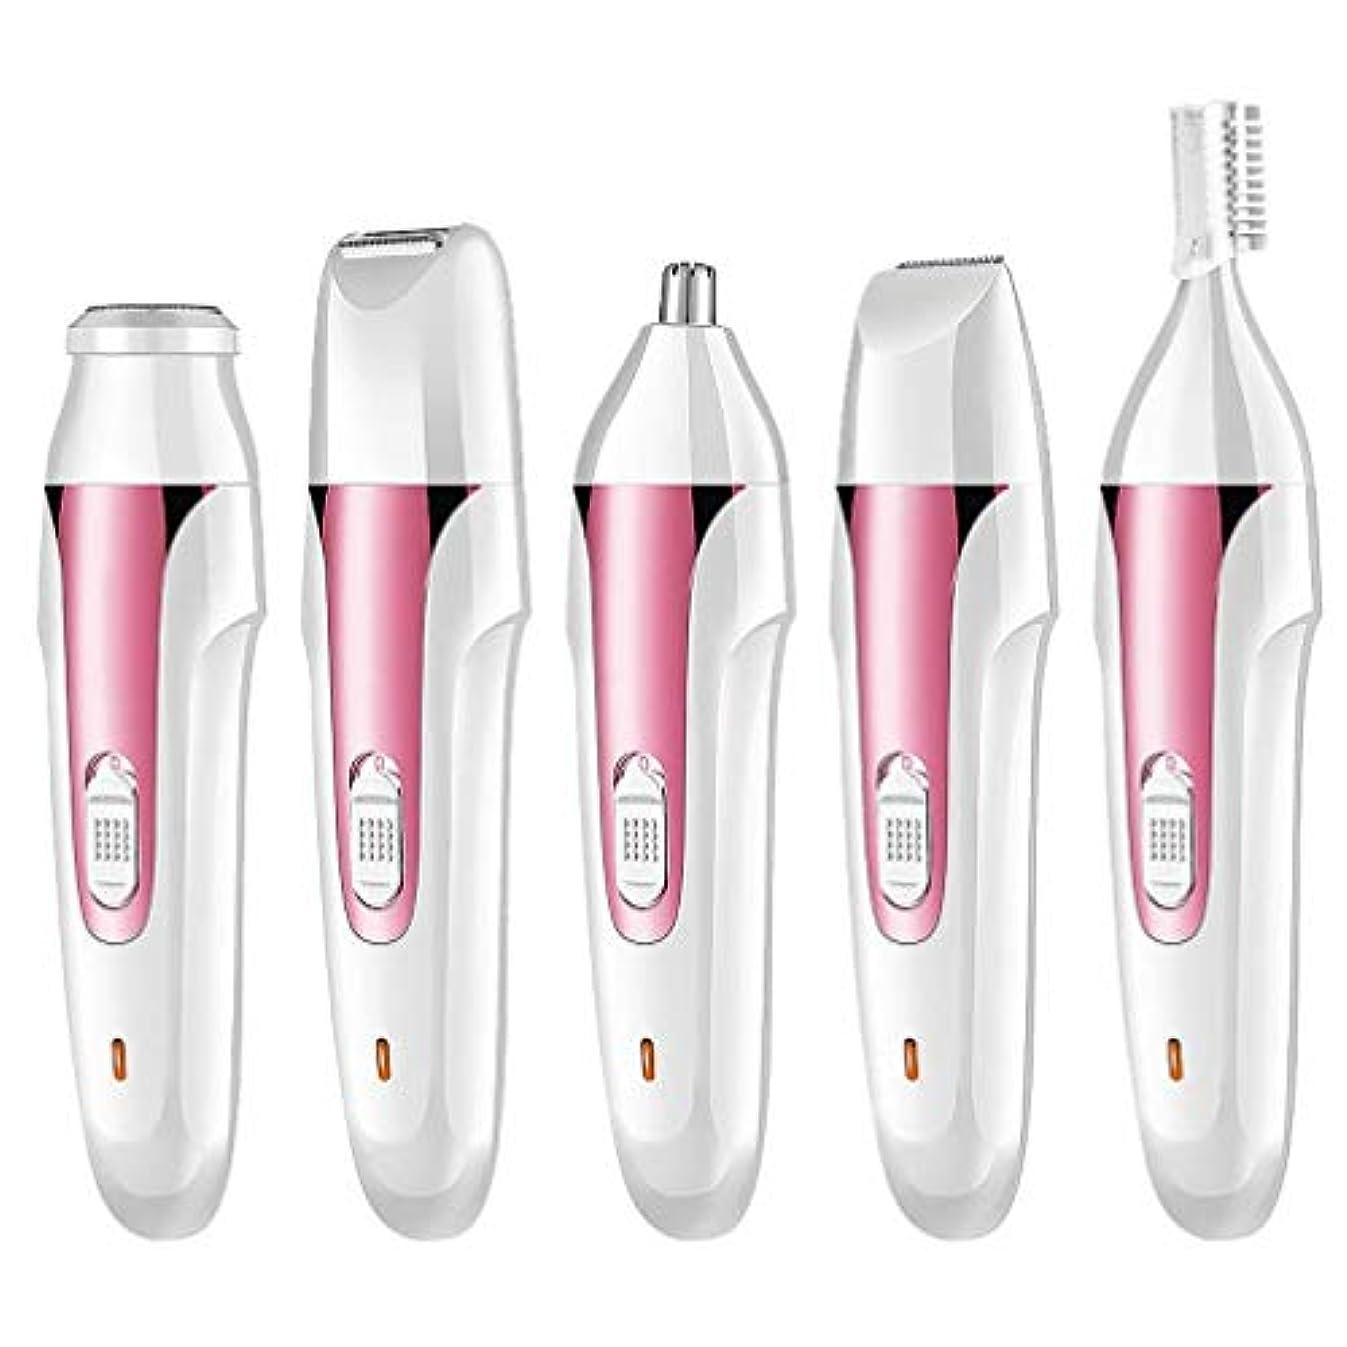 花束爬虫類尊敬電動鼻毛トリマー - USB充電器、電動脱毛器具、シェービングナイフ、リップヘア、眉毛形削りナイフ、5つ1つ、ユニセックス、 (Color : Pink)